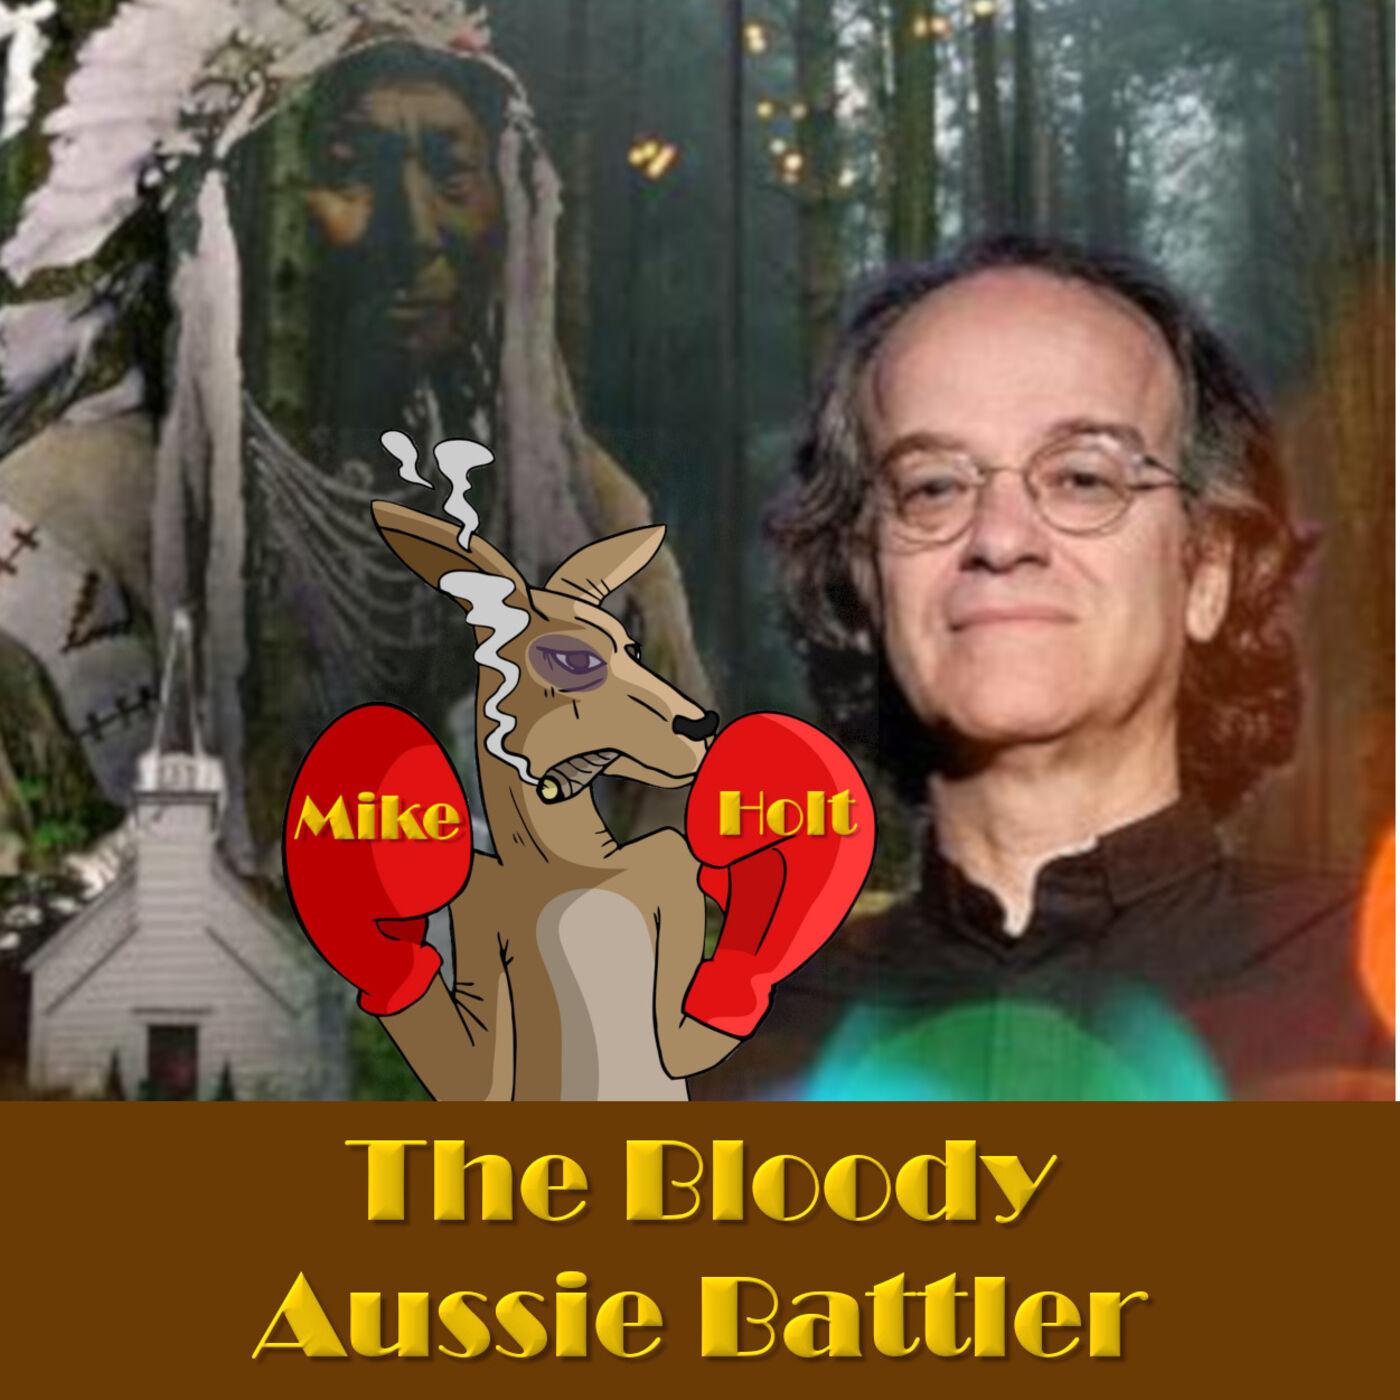 Kevin Annett | The Bloody Aussie Battler